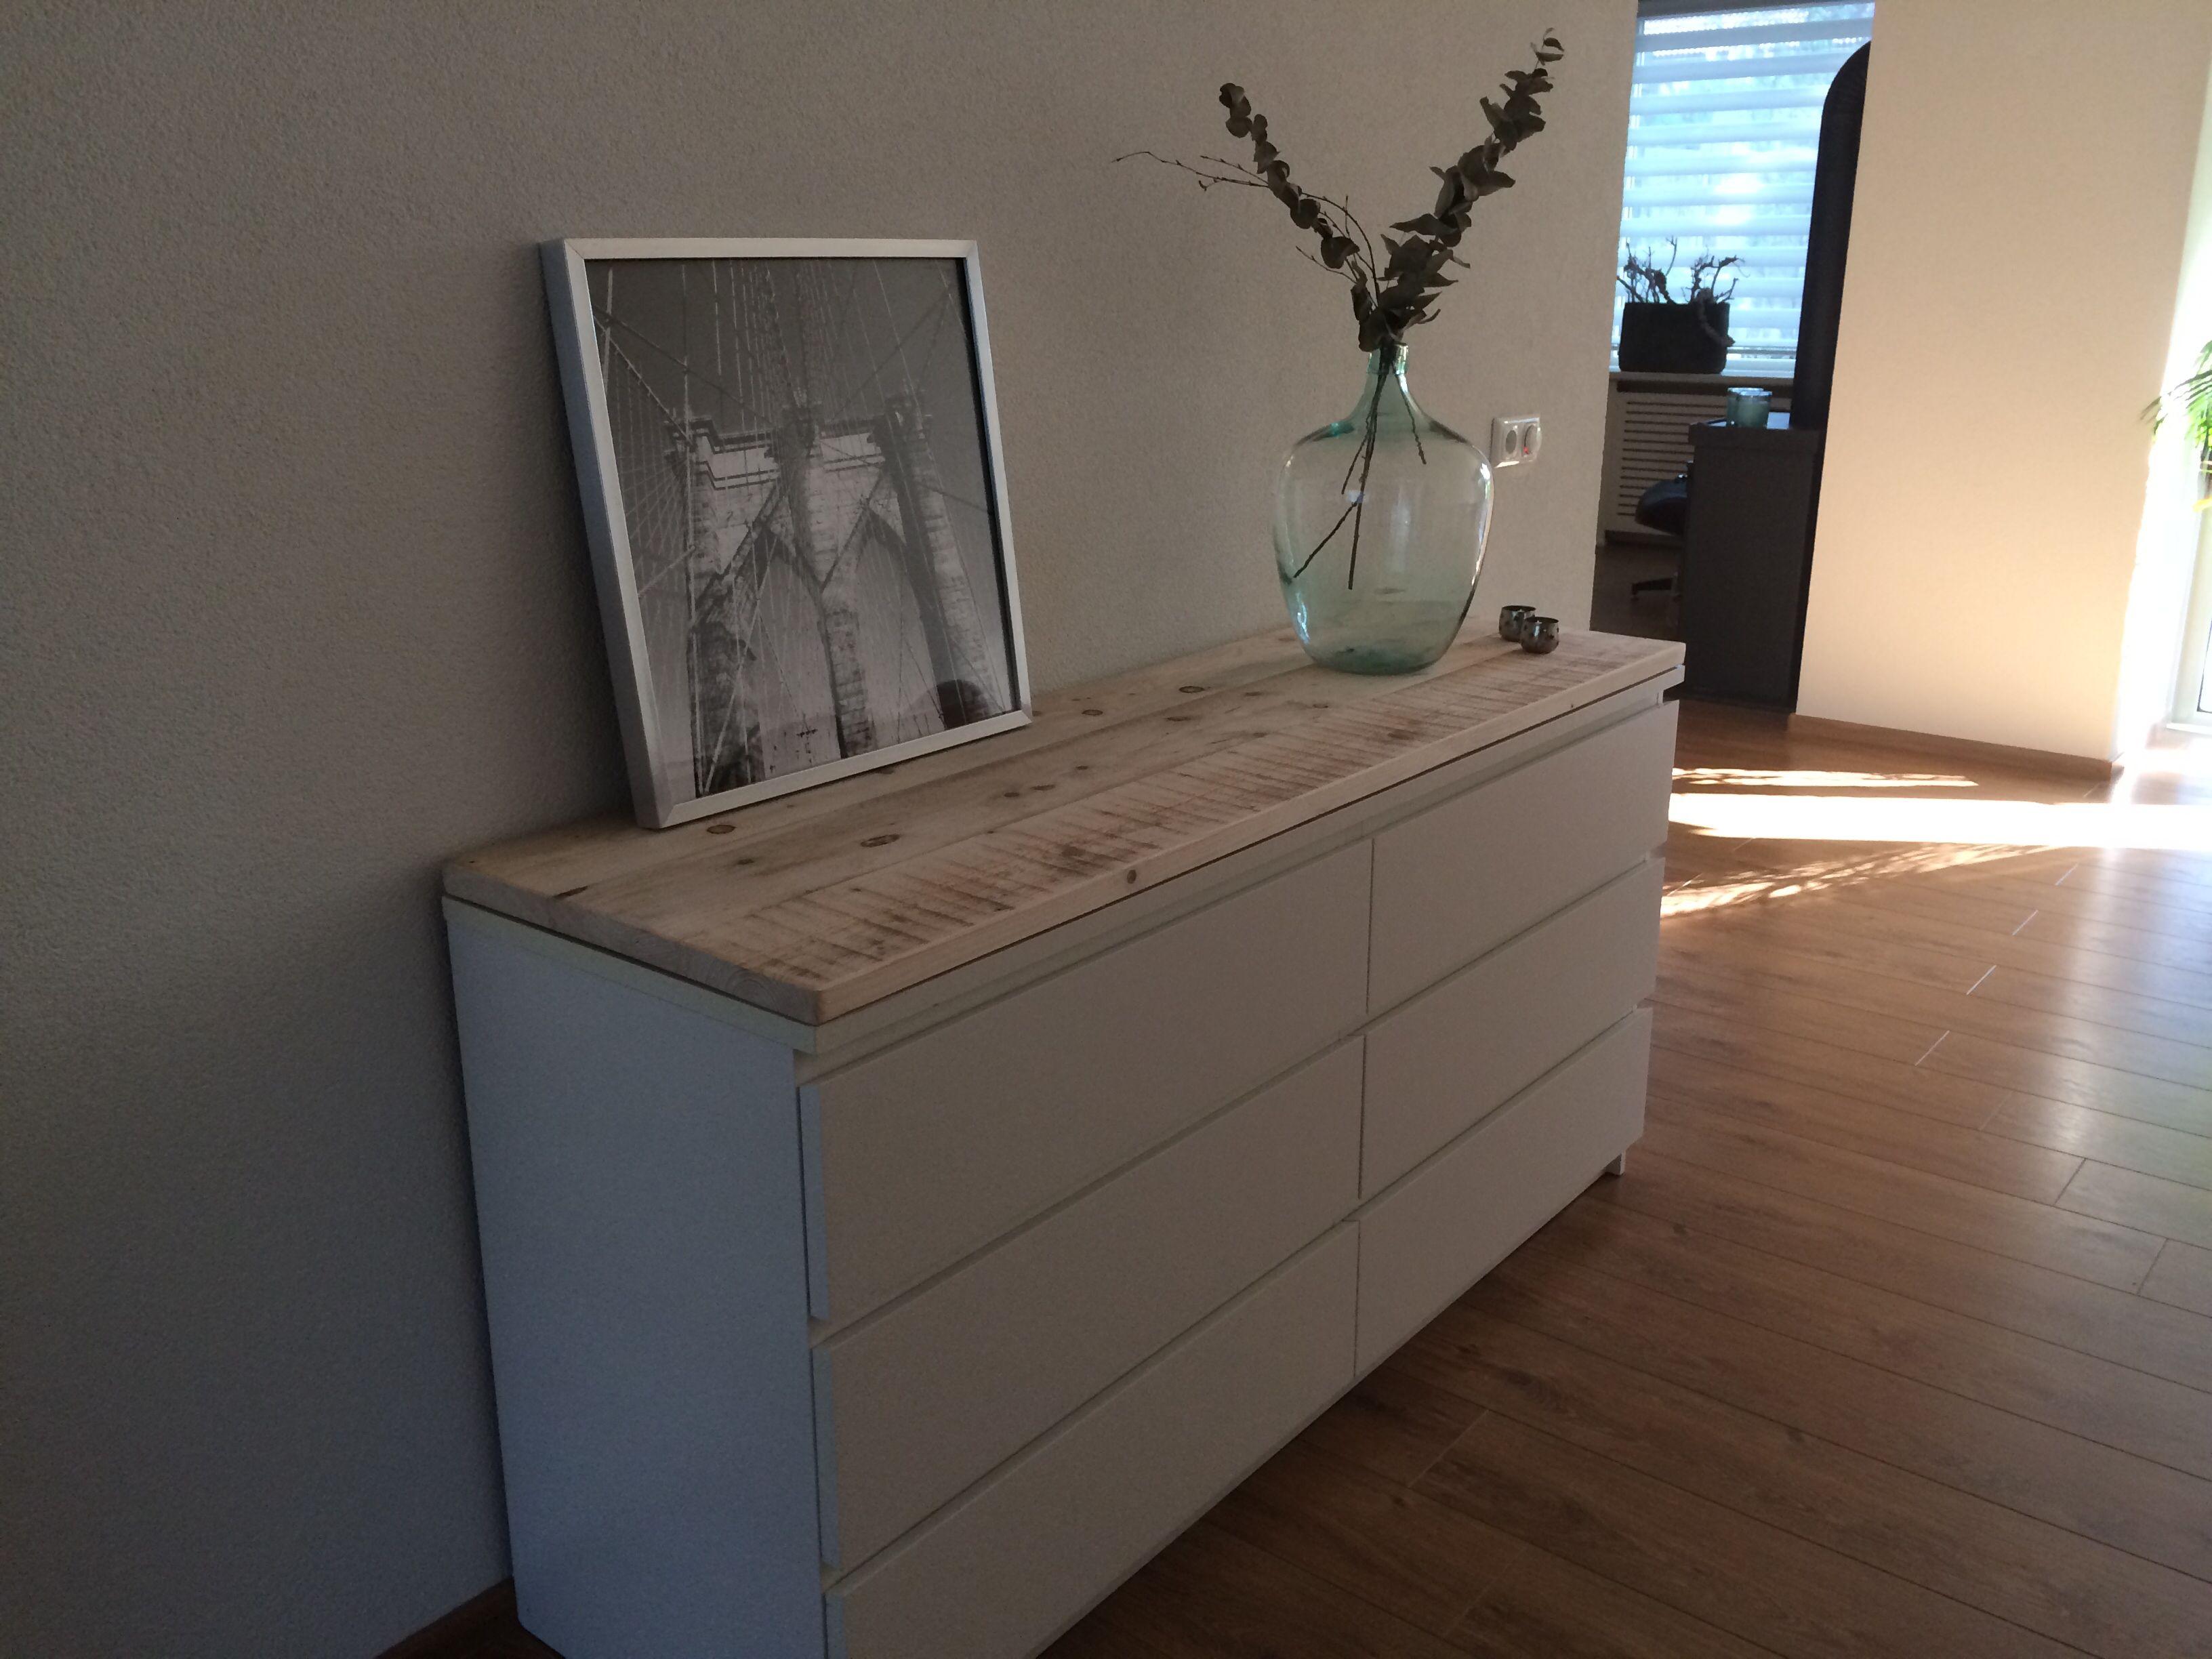 Dressoir Kast Slaapkamer.Steigerhouten Planken Op Een Malm Ikea Kast Wood On A Dressoir